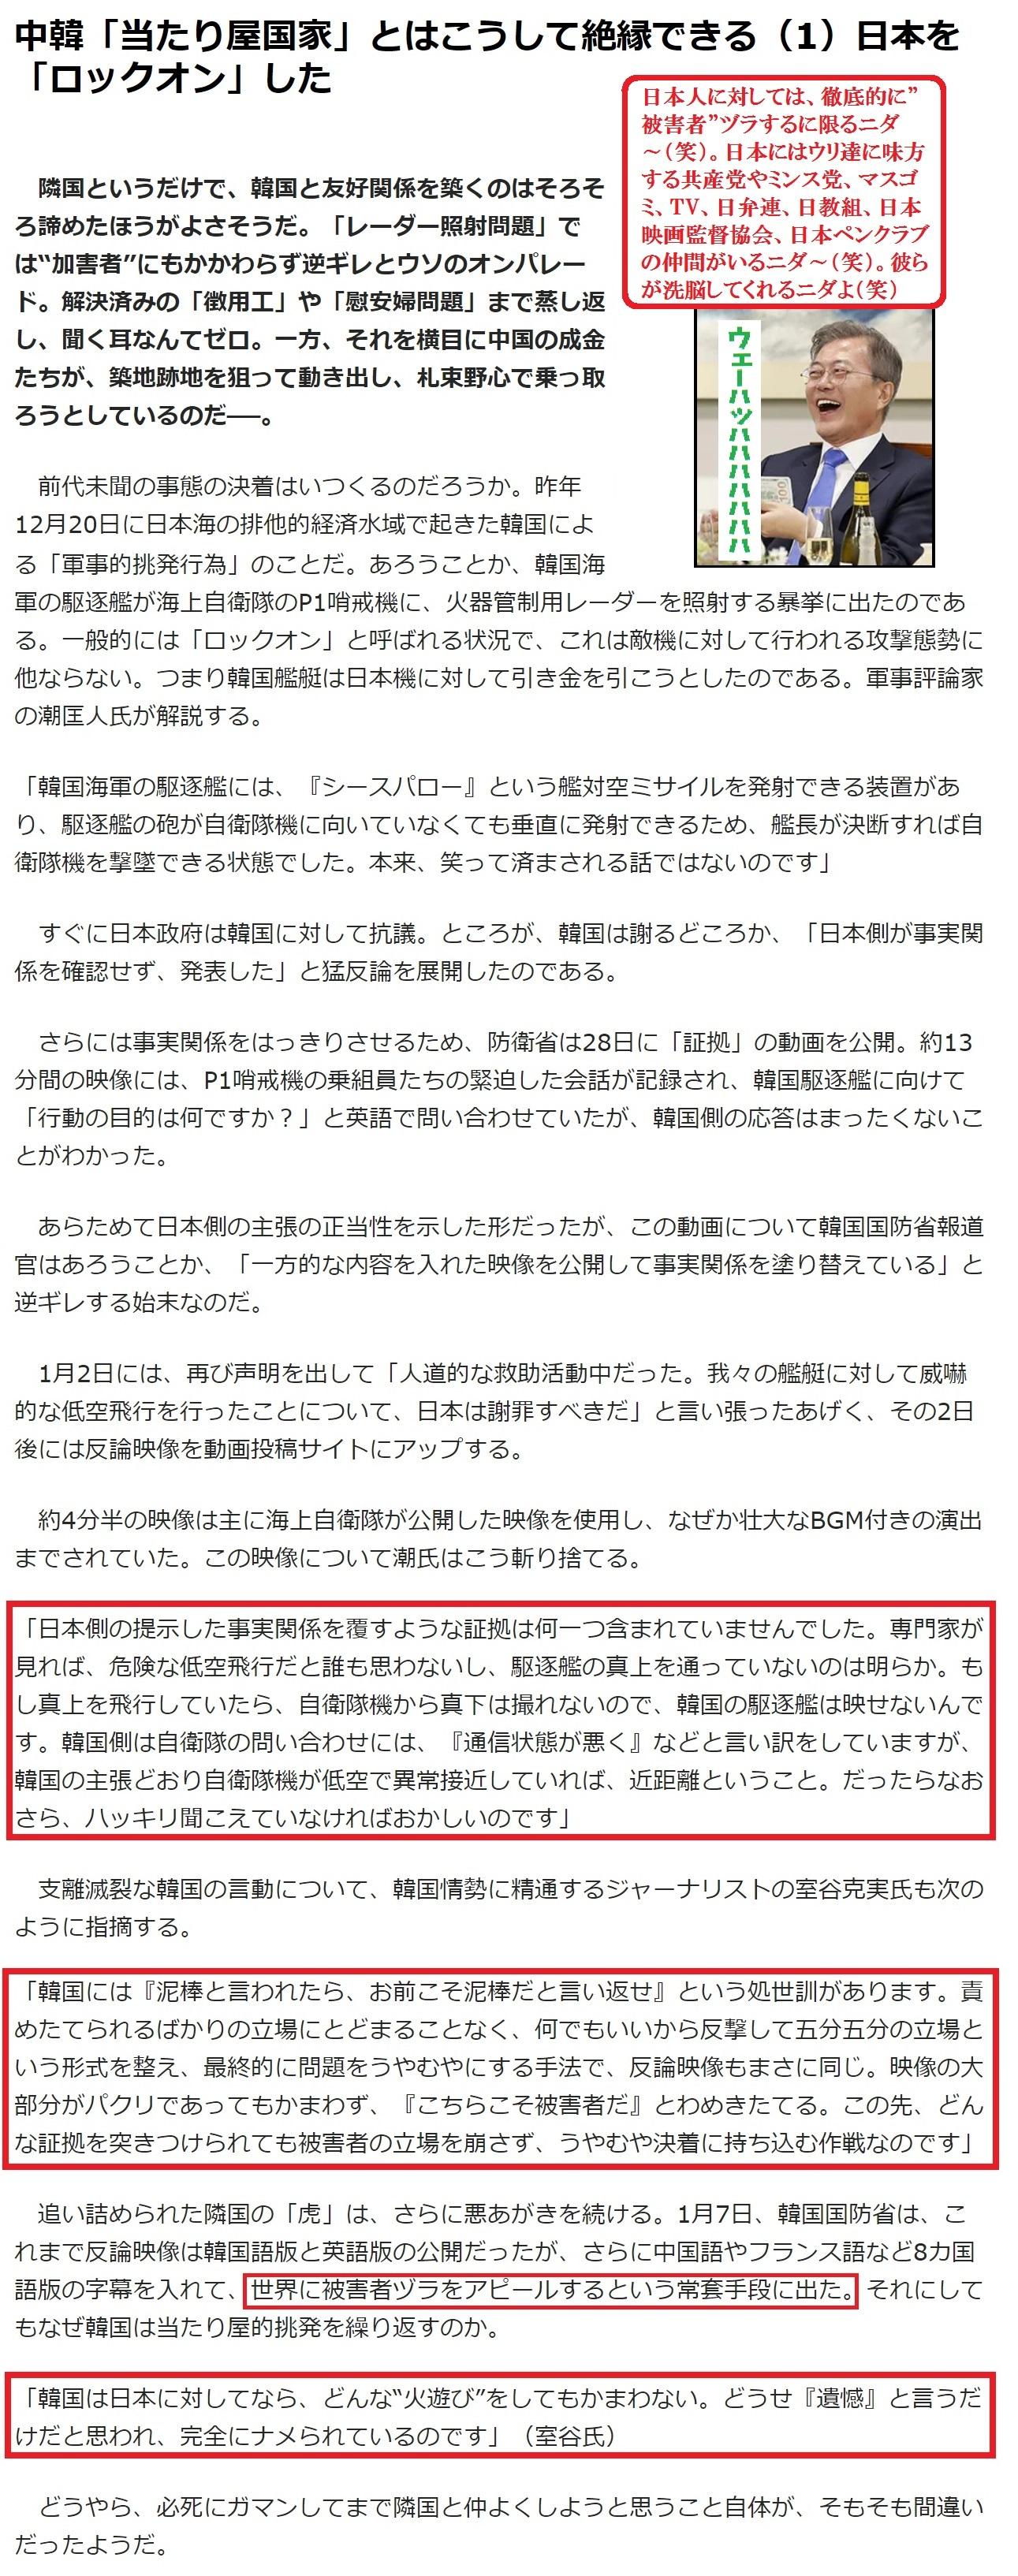 アサ芸「チョンは日本を舐めているから何をやってもいいと考える」